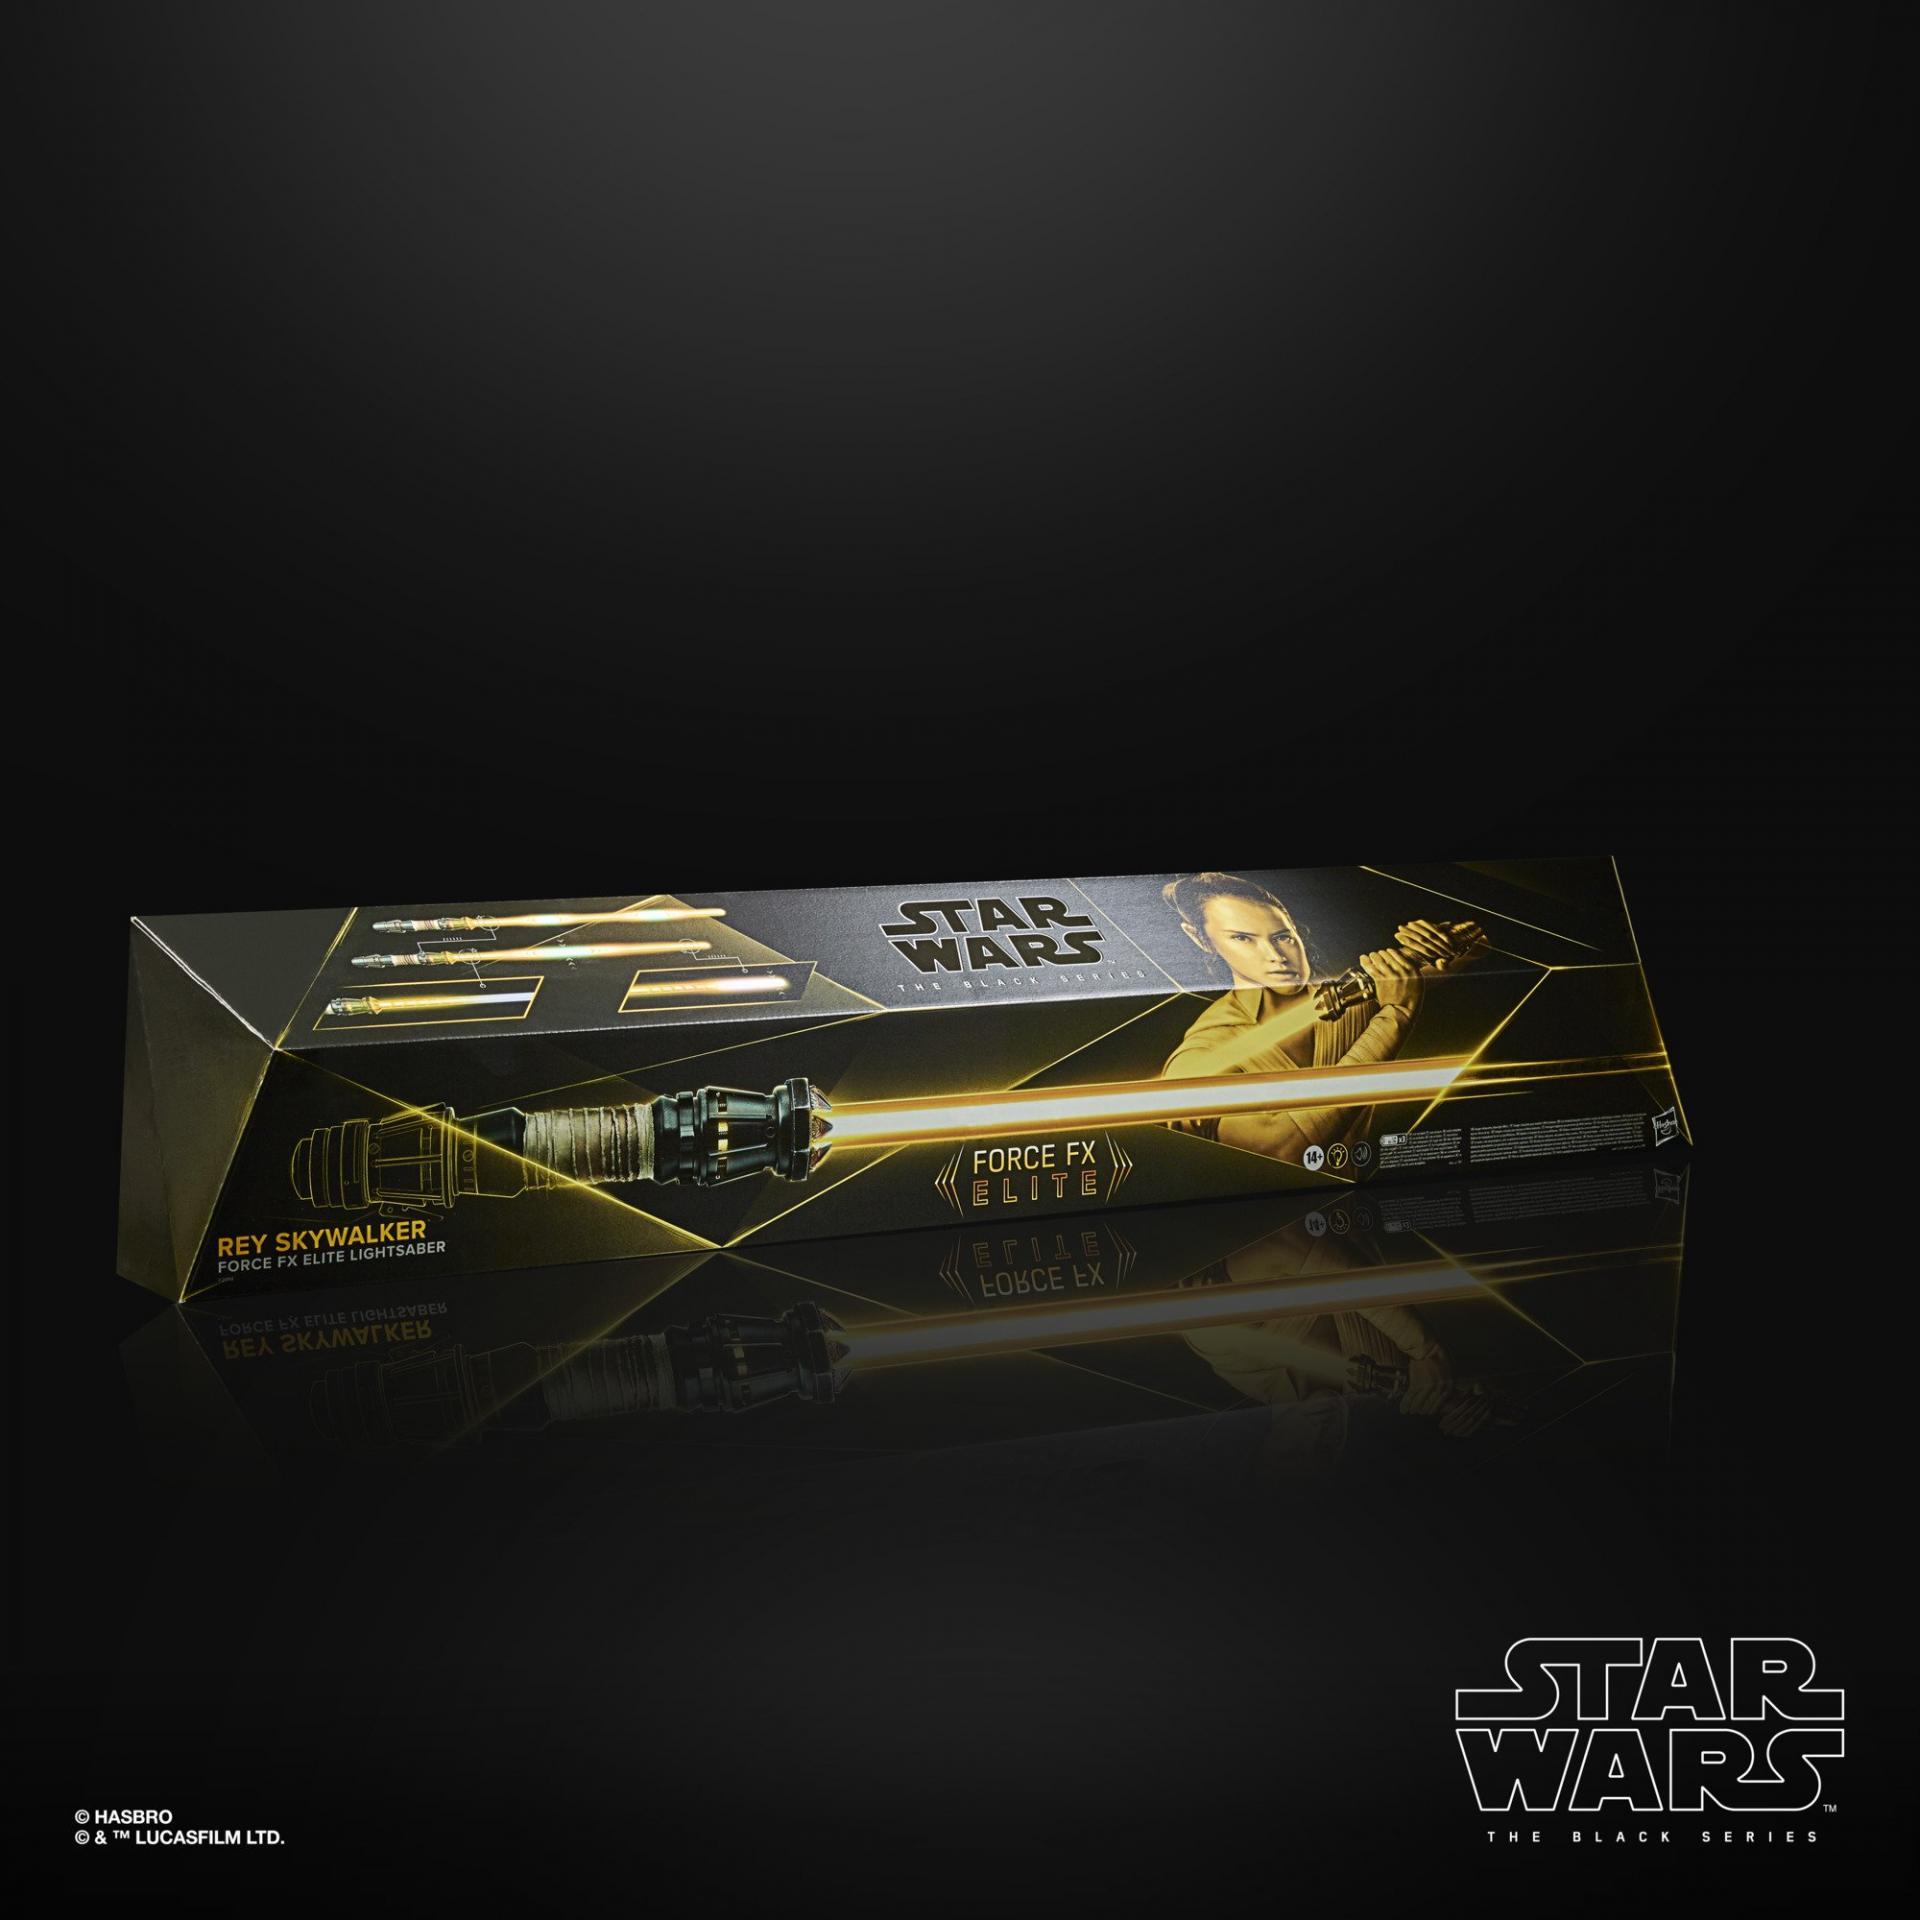 Star wars the black series rey skywalker force fx elite lightsaber1